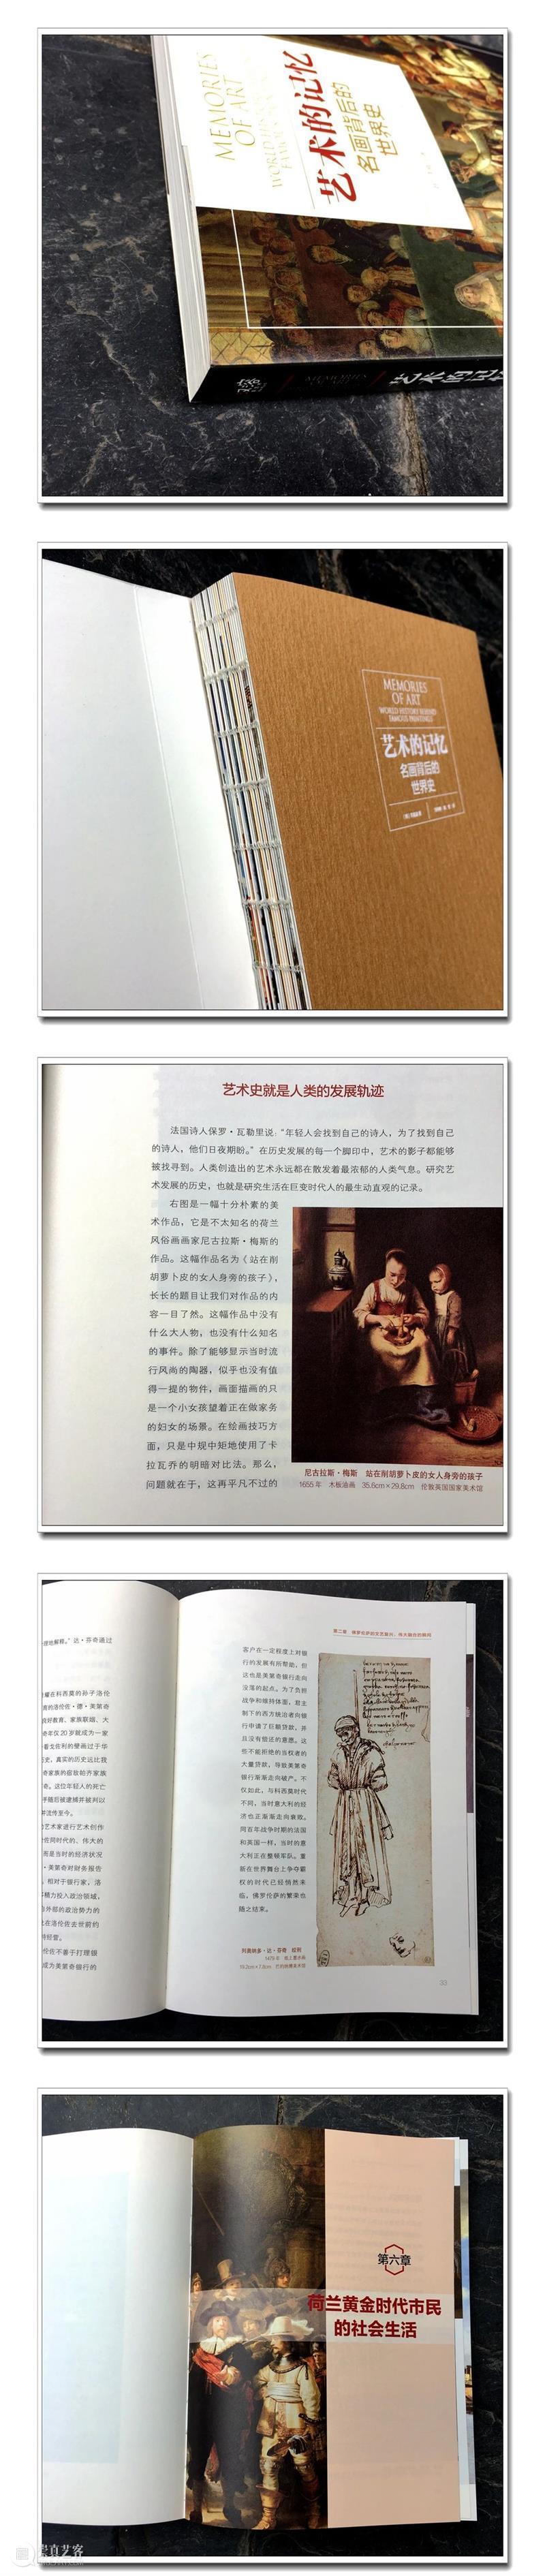 一日一书   艺术的记忆:名画背后的世界史 崇真艺客